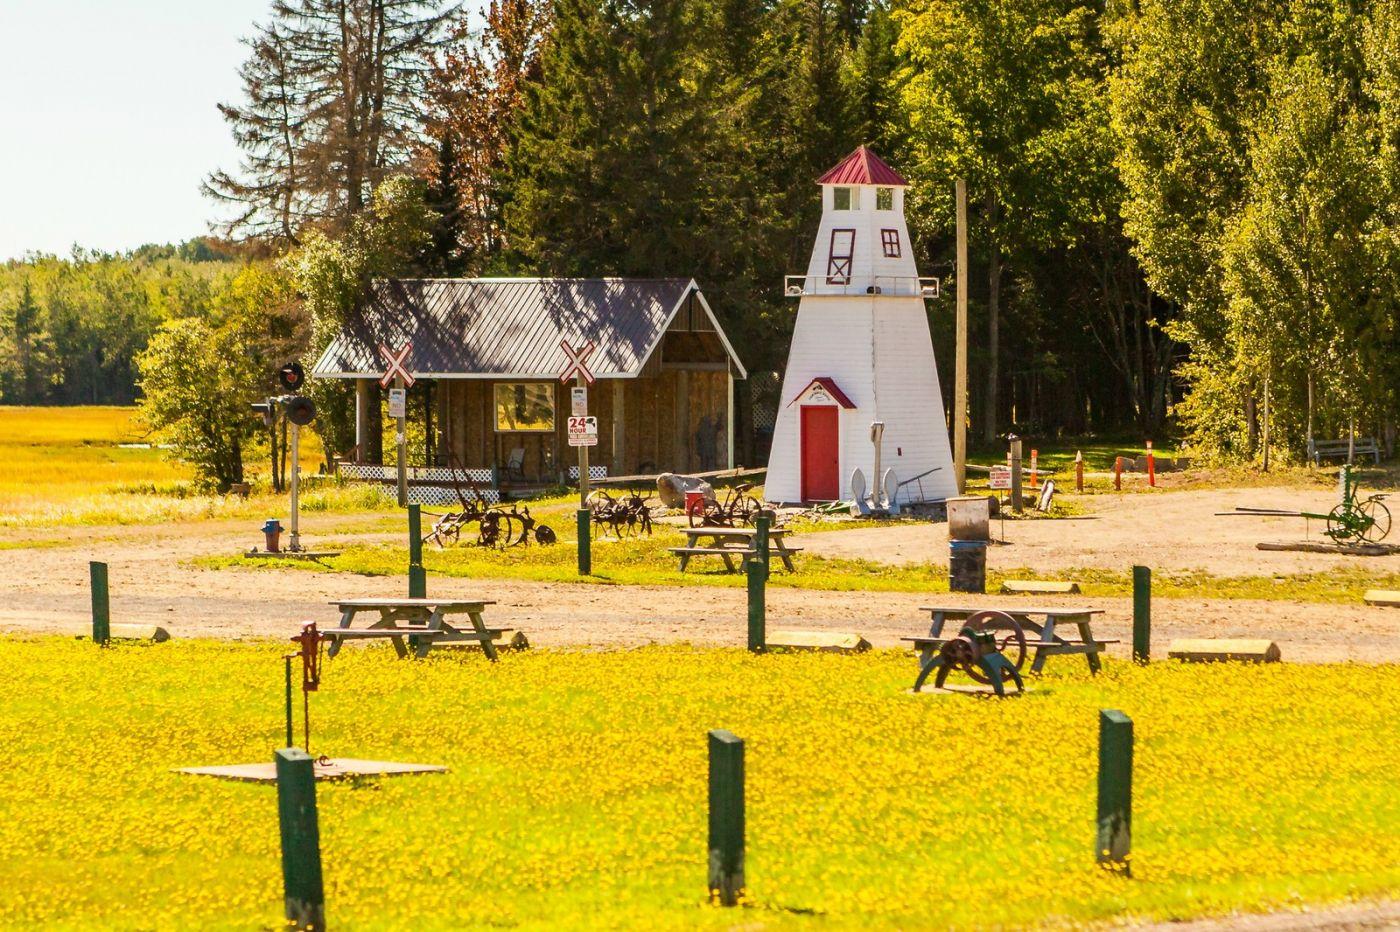 加拿大旅途,乡村的幸福生活_图1-35